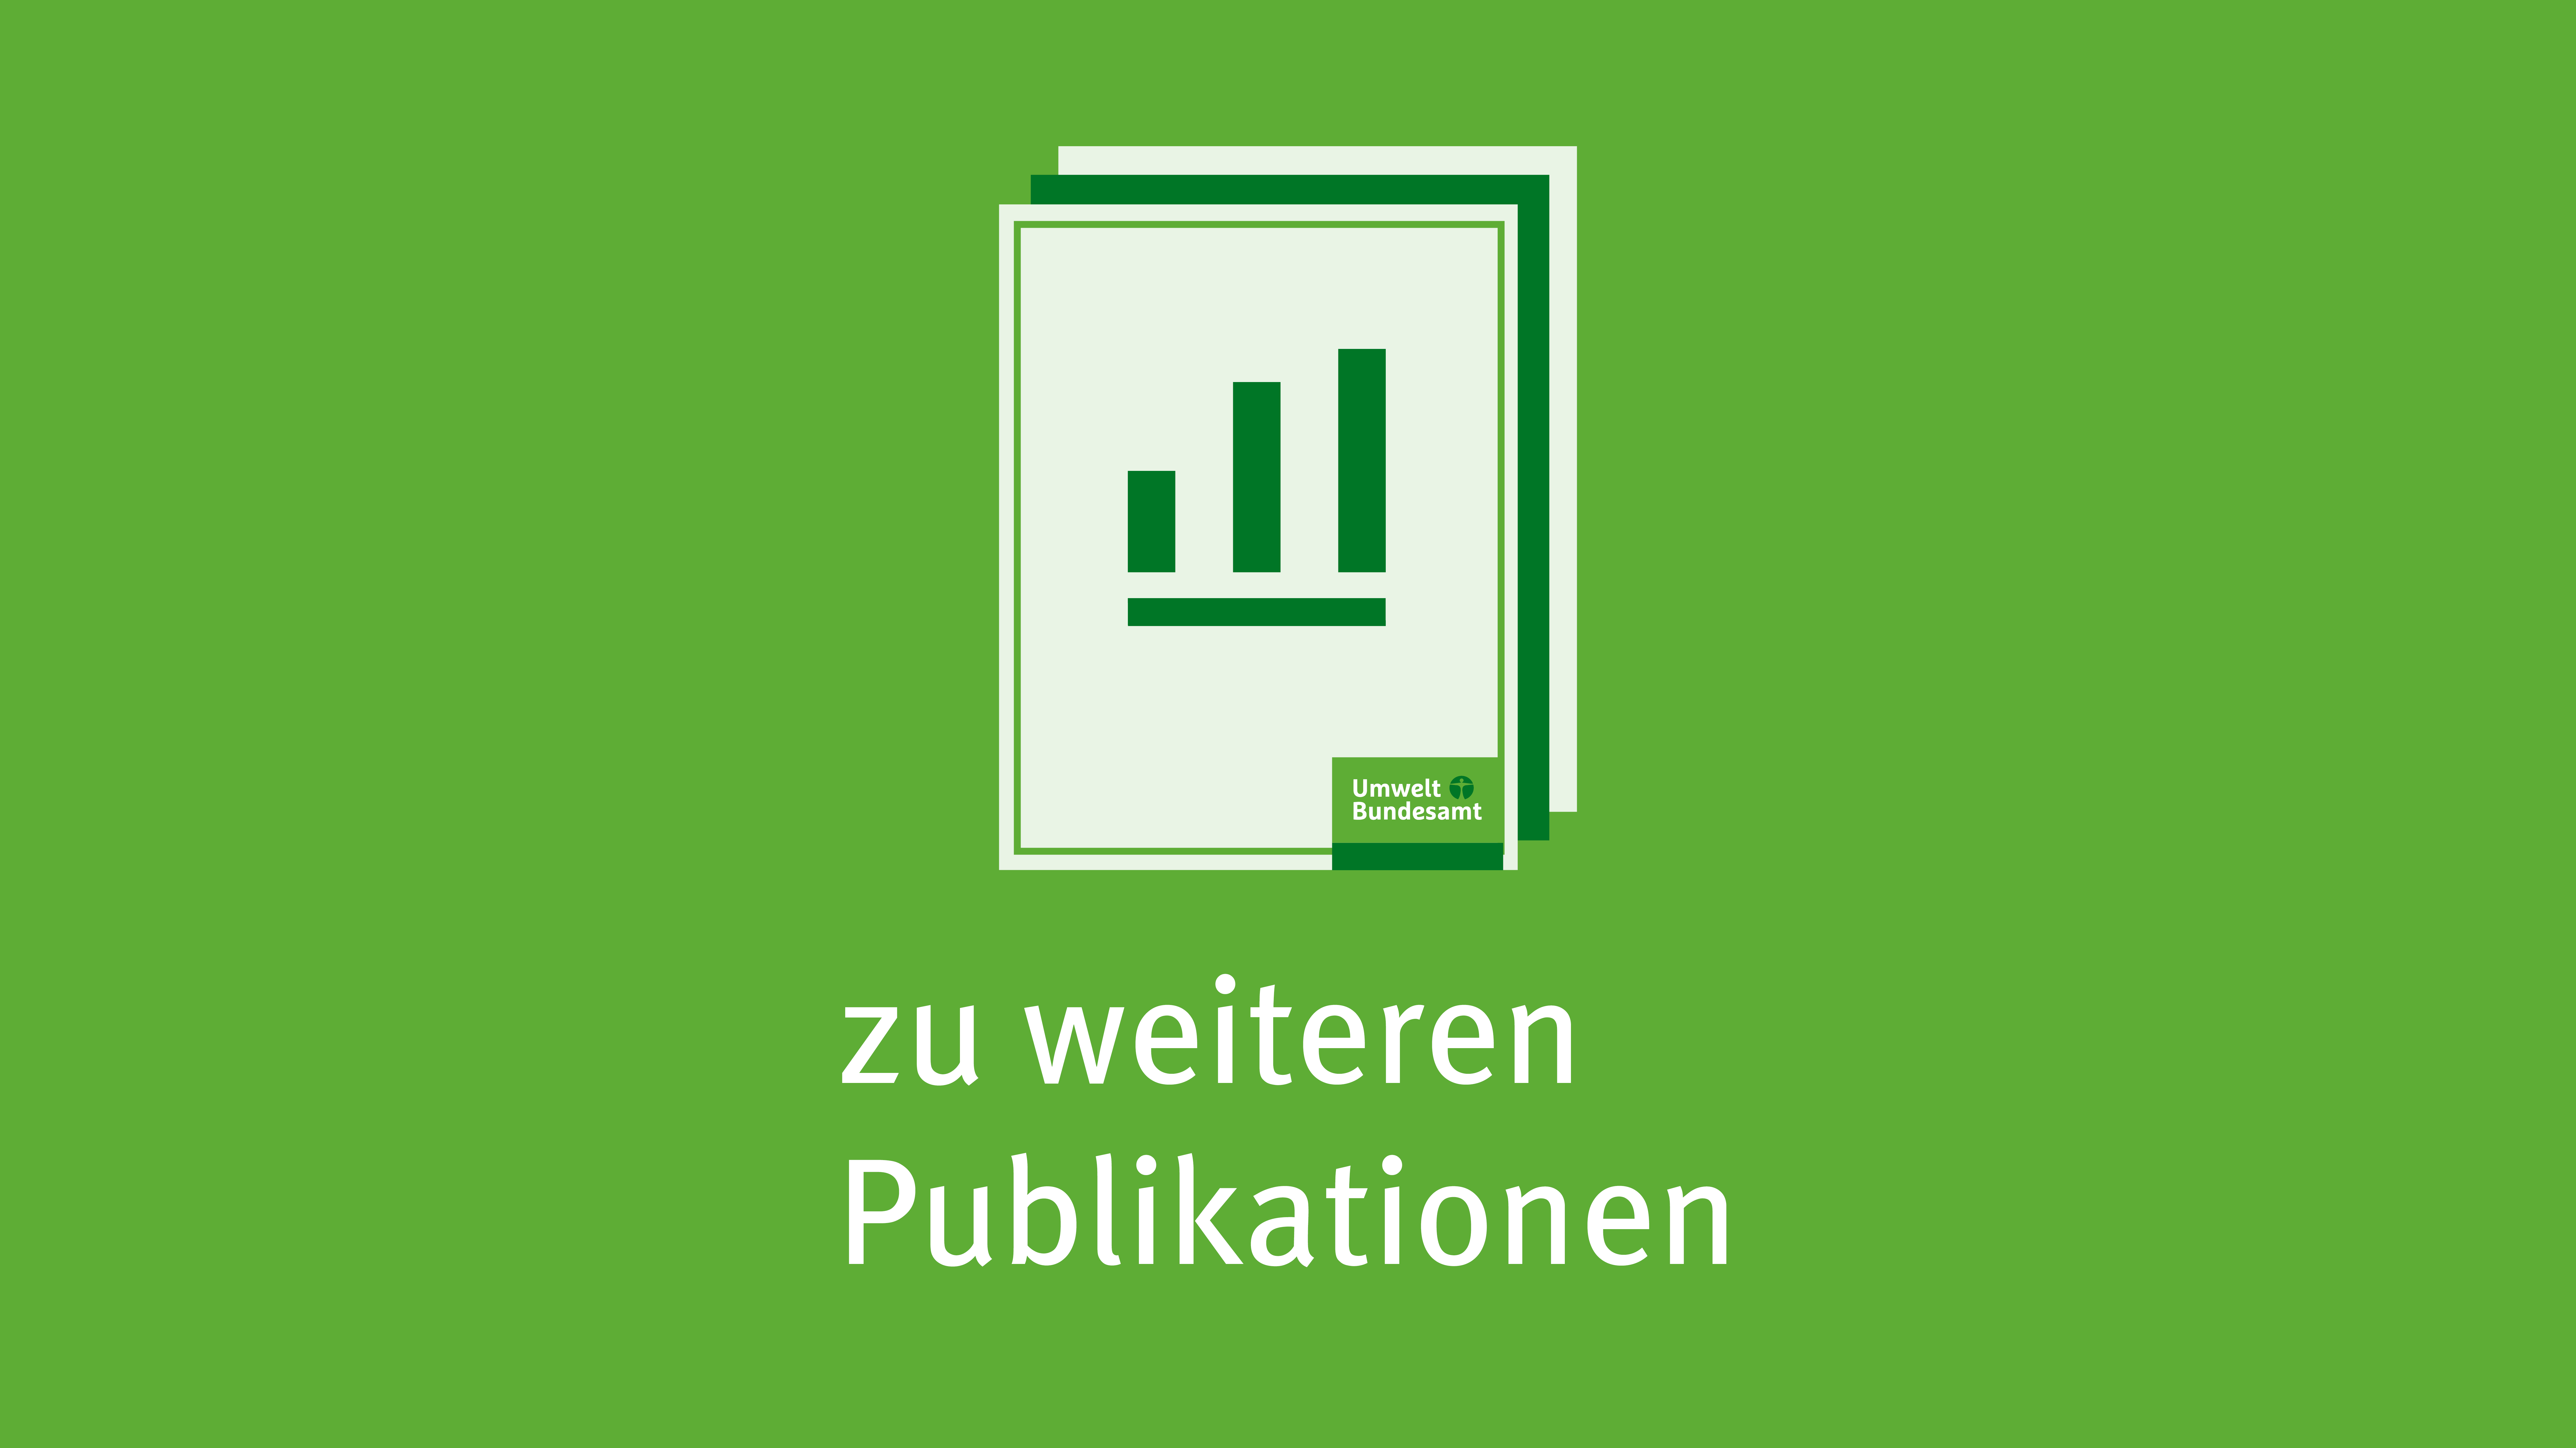 Exemplarische Publikation